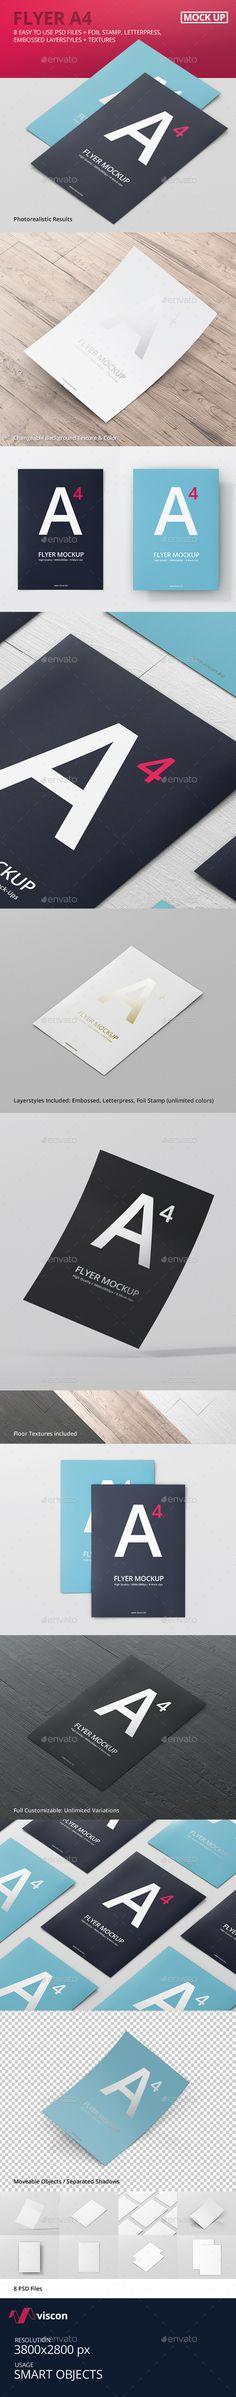 Flyer Mock-Ups #design Download: http://graphicriver.net/item/flyer-mockups/12352829?ref=ksioks